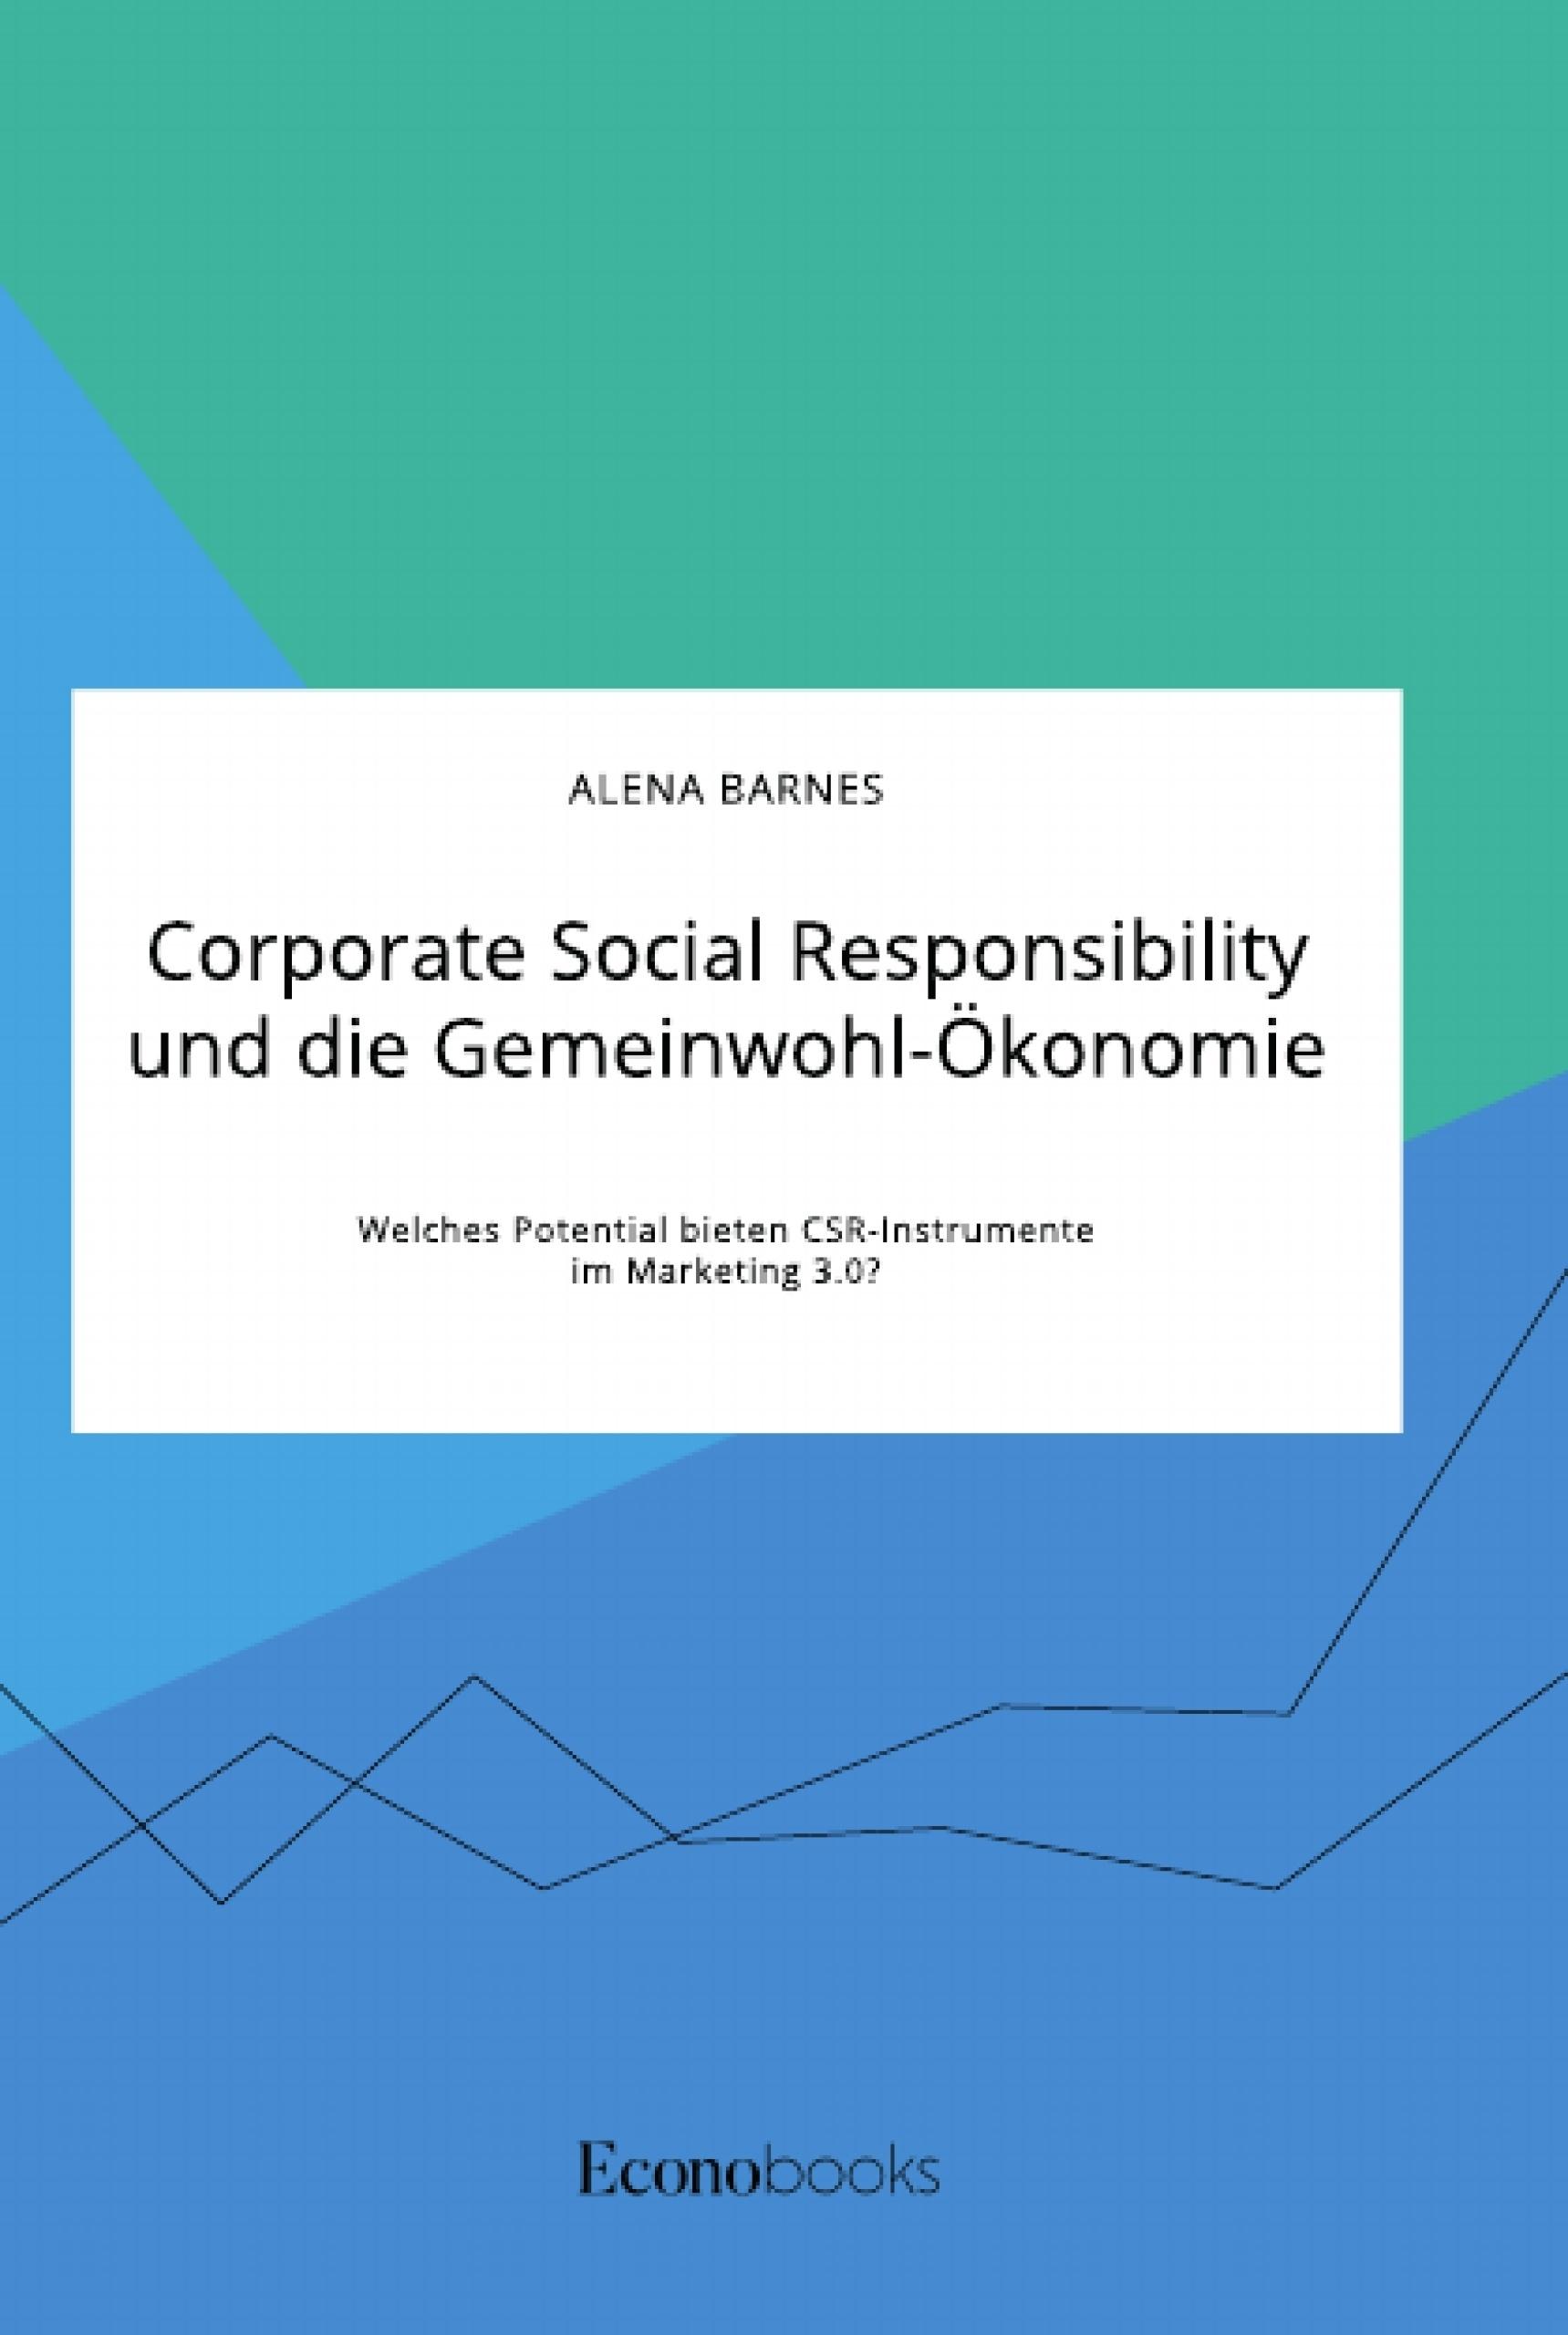 Titel: Corporate Social Responsibility und die Gemeinwohl-Ökonomie. Welches Potential bieten CSR-Instrumente im Marketing 3.0?